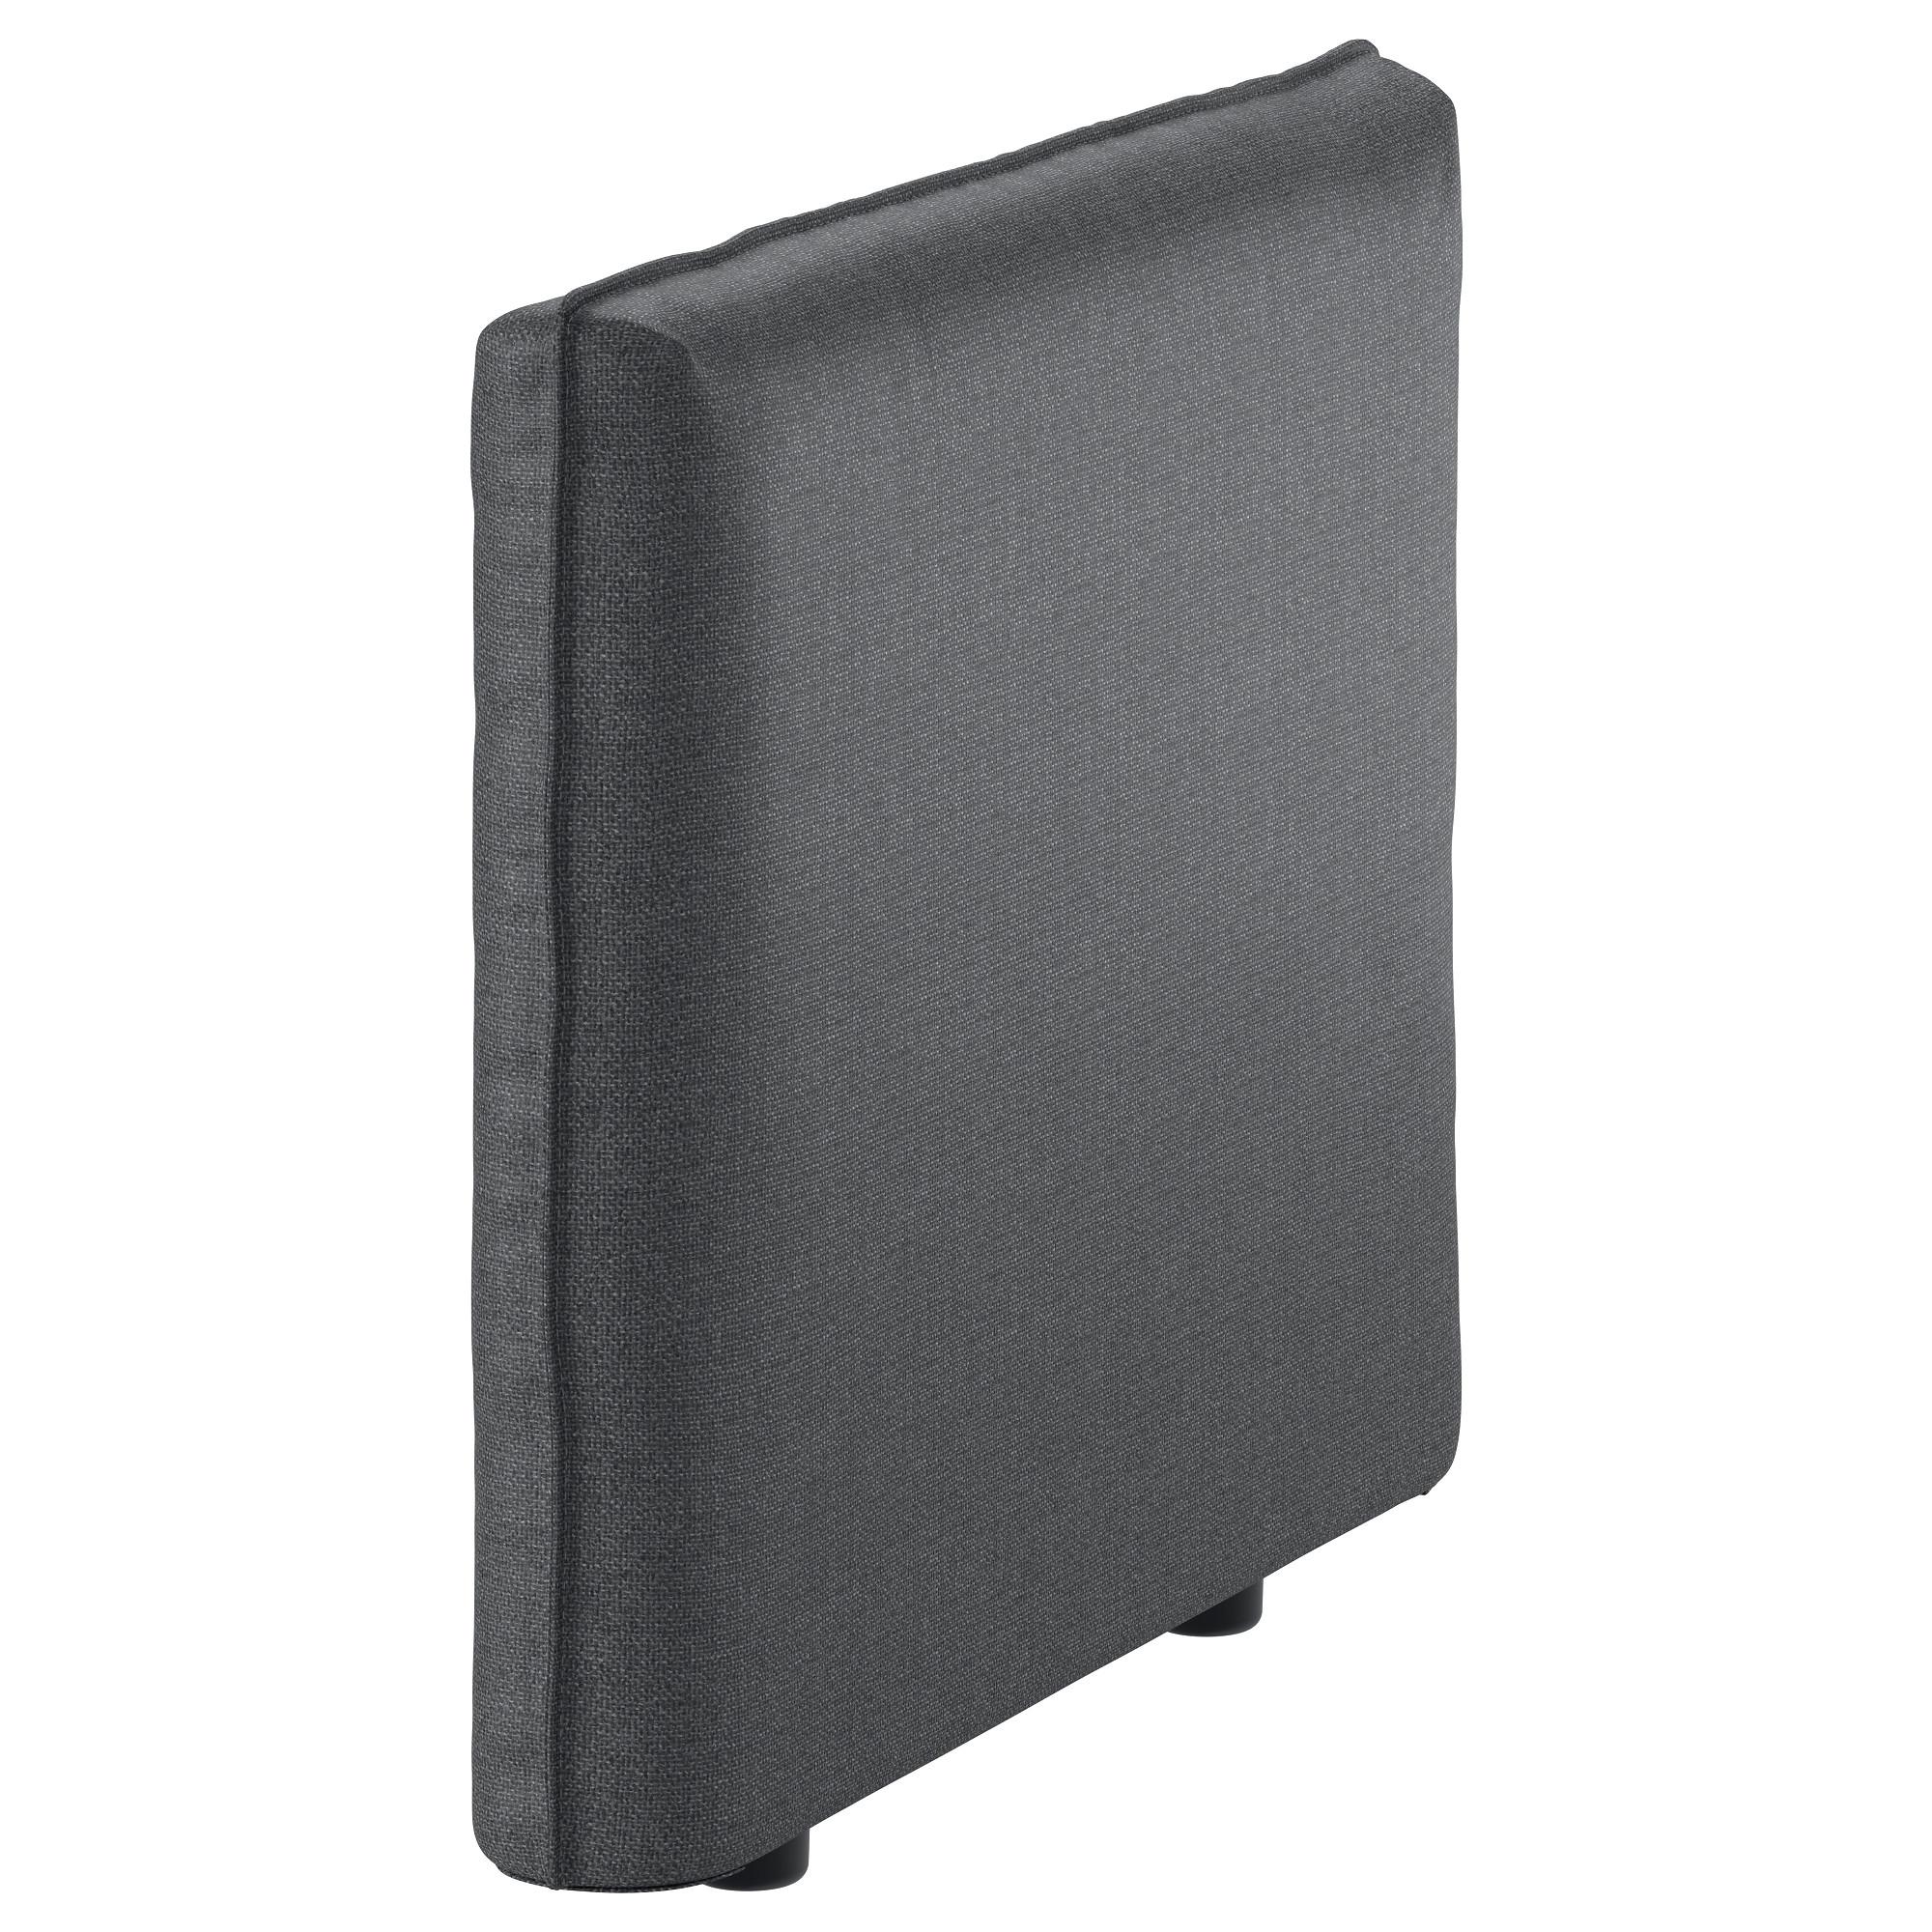 Подлокотник ВАЛЛЕНТУНА темно-серый артикуль № 392.825.03 в наличии. Интернет каталог IKEA Минск. Быстрая доставка и монтаж.